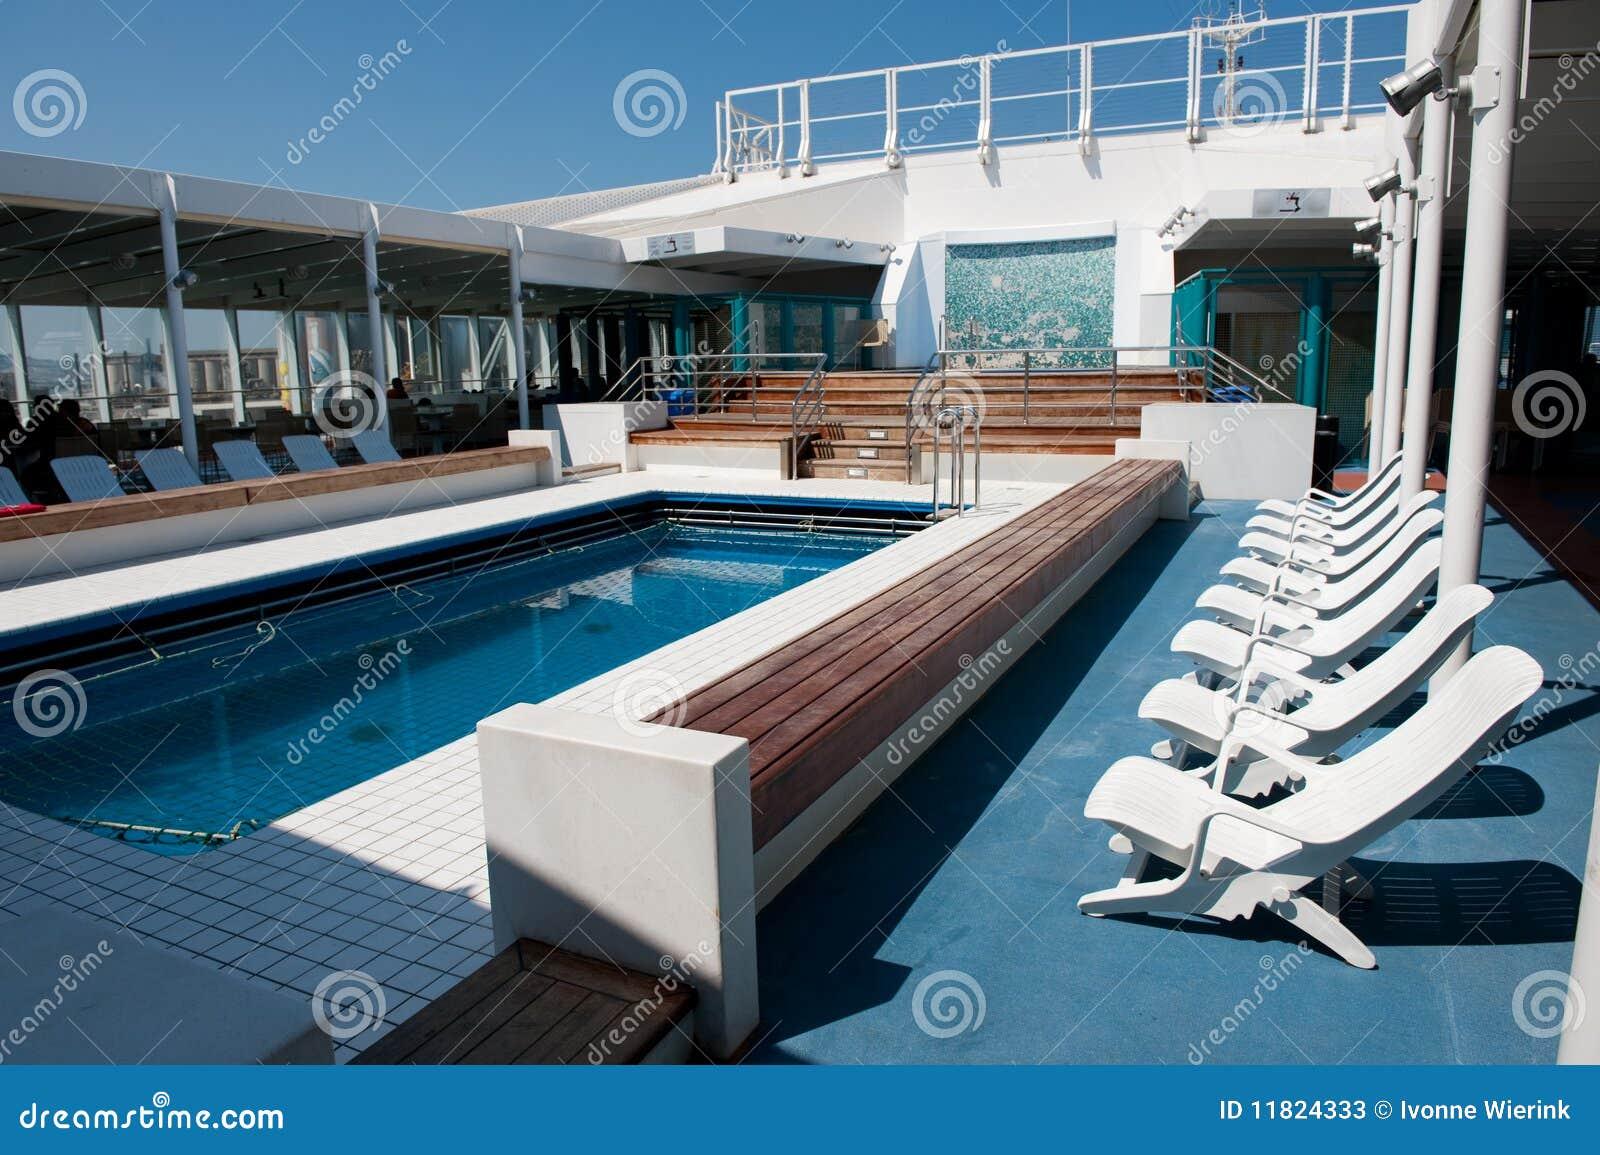 Piscina do navio de cruzeiros fotos de stock imagem 11824333 - Business plan piscina ...